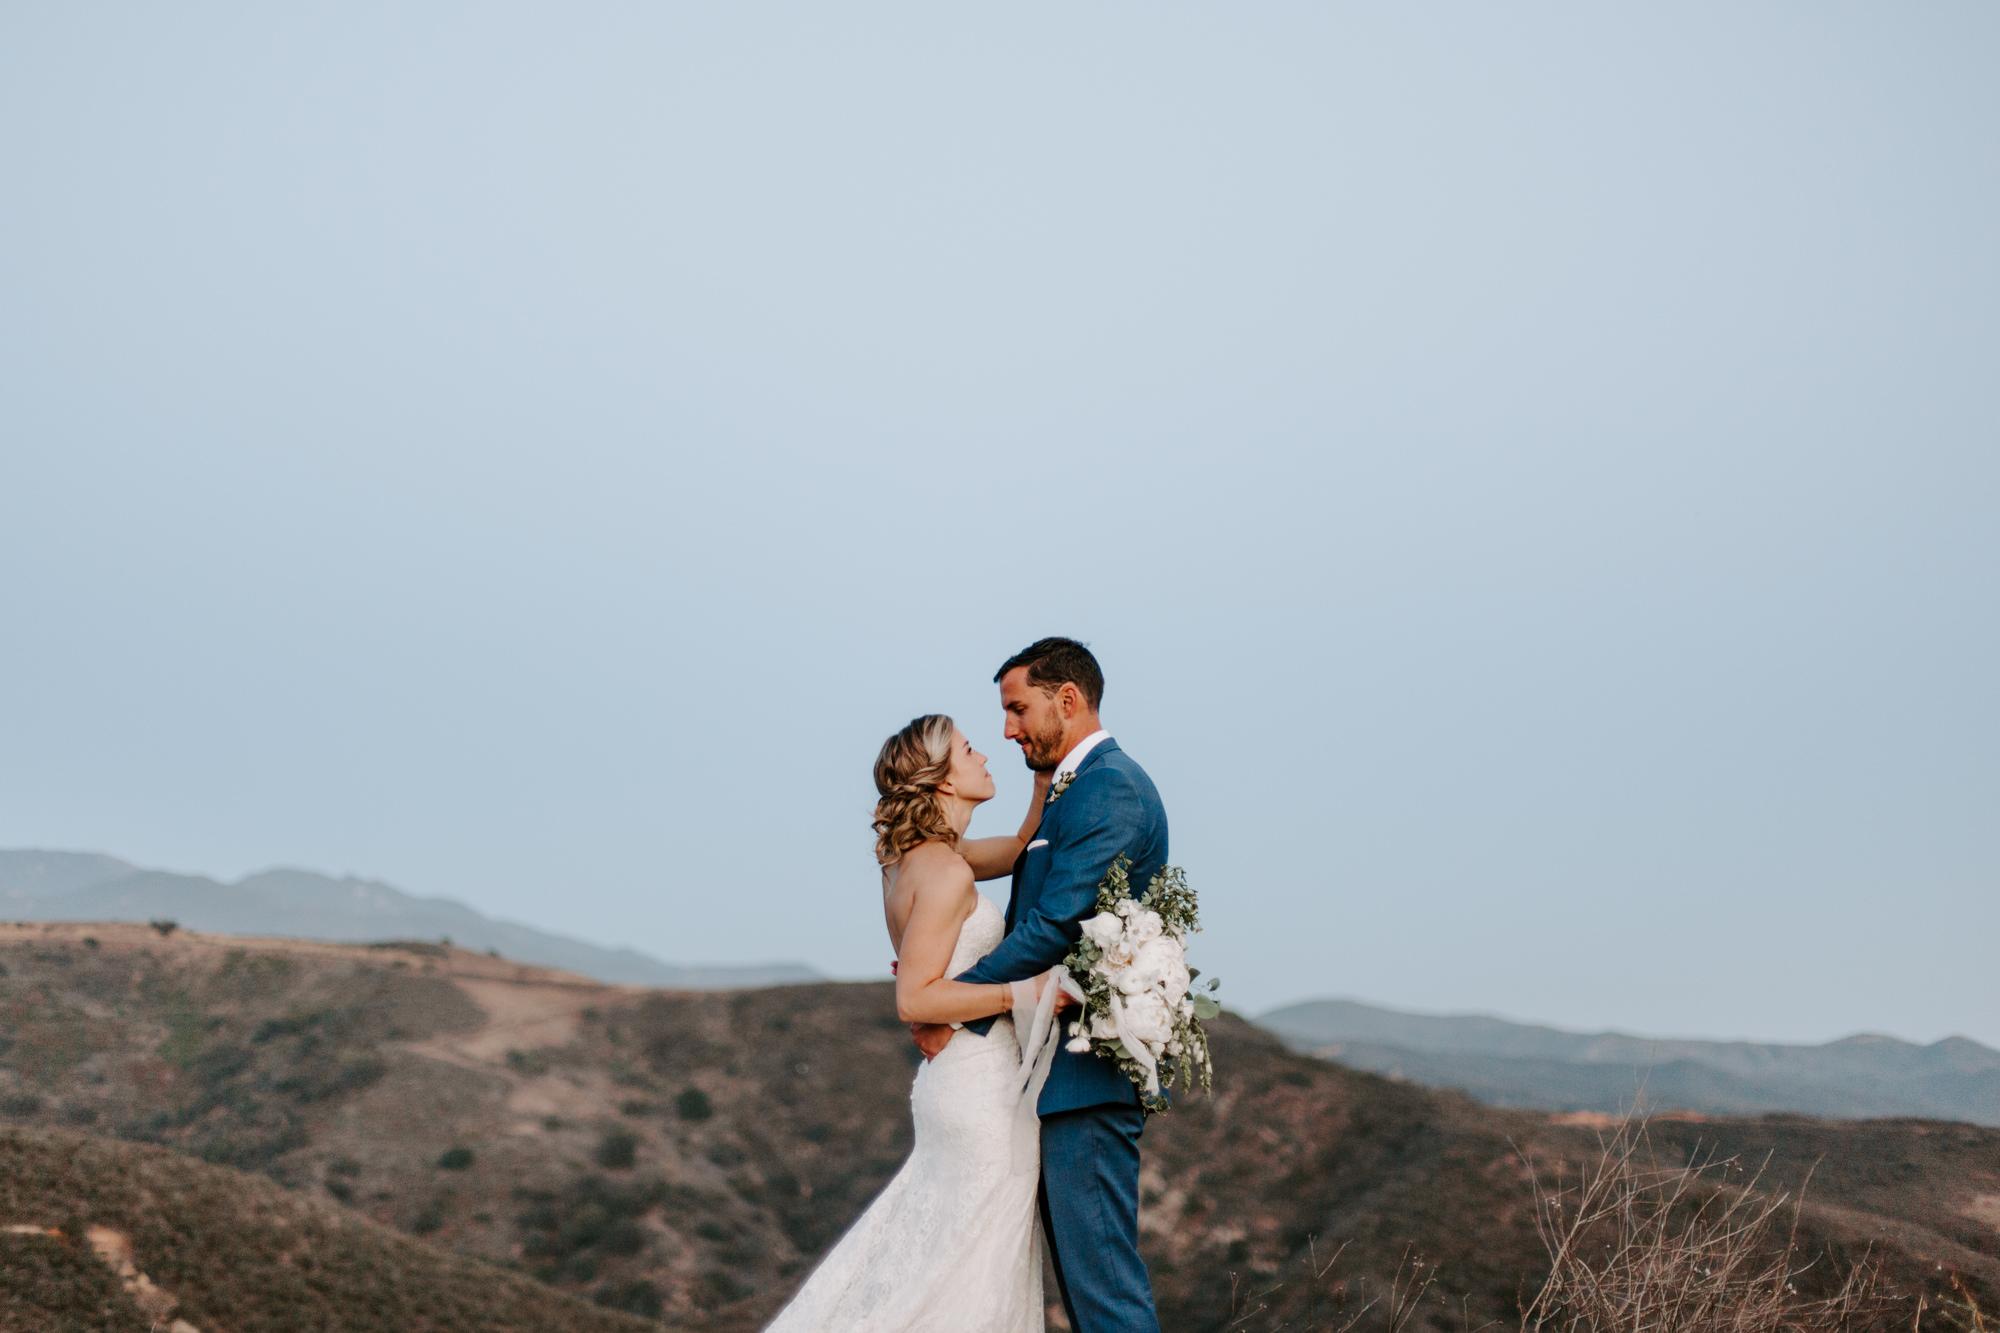 San Diego Wedding photography in Silverado Backyard Wedding084.jpg